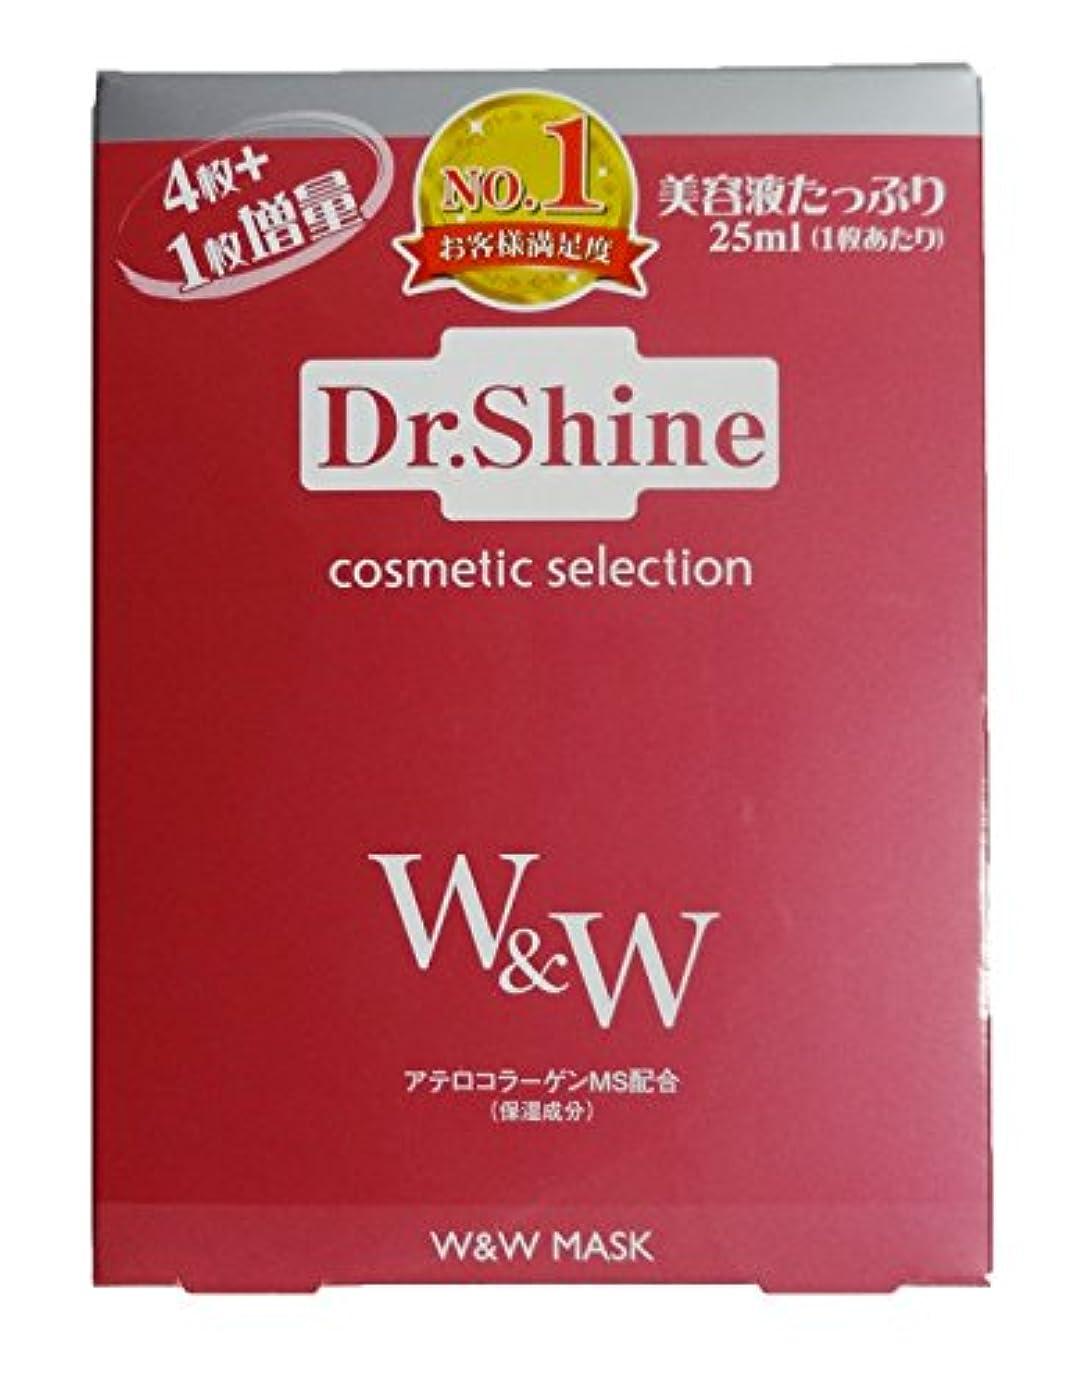 介入するビクター費やすDr.Shine(ドクターシャイン) フェイスマスクW&W 5枚入